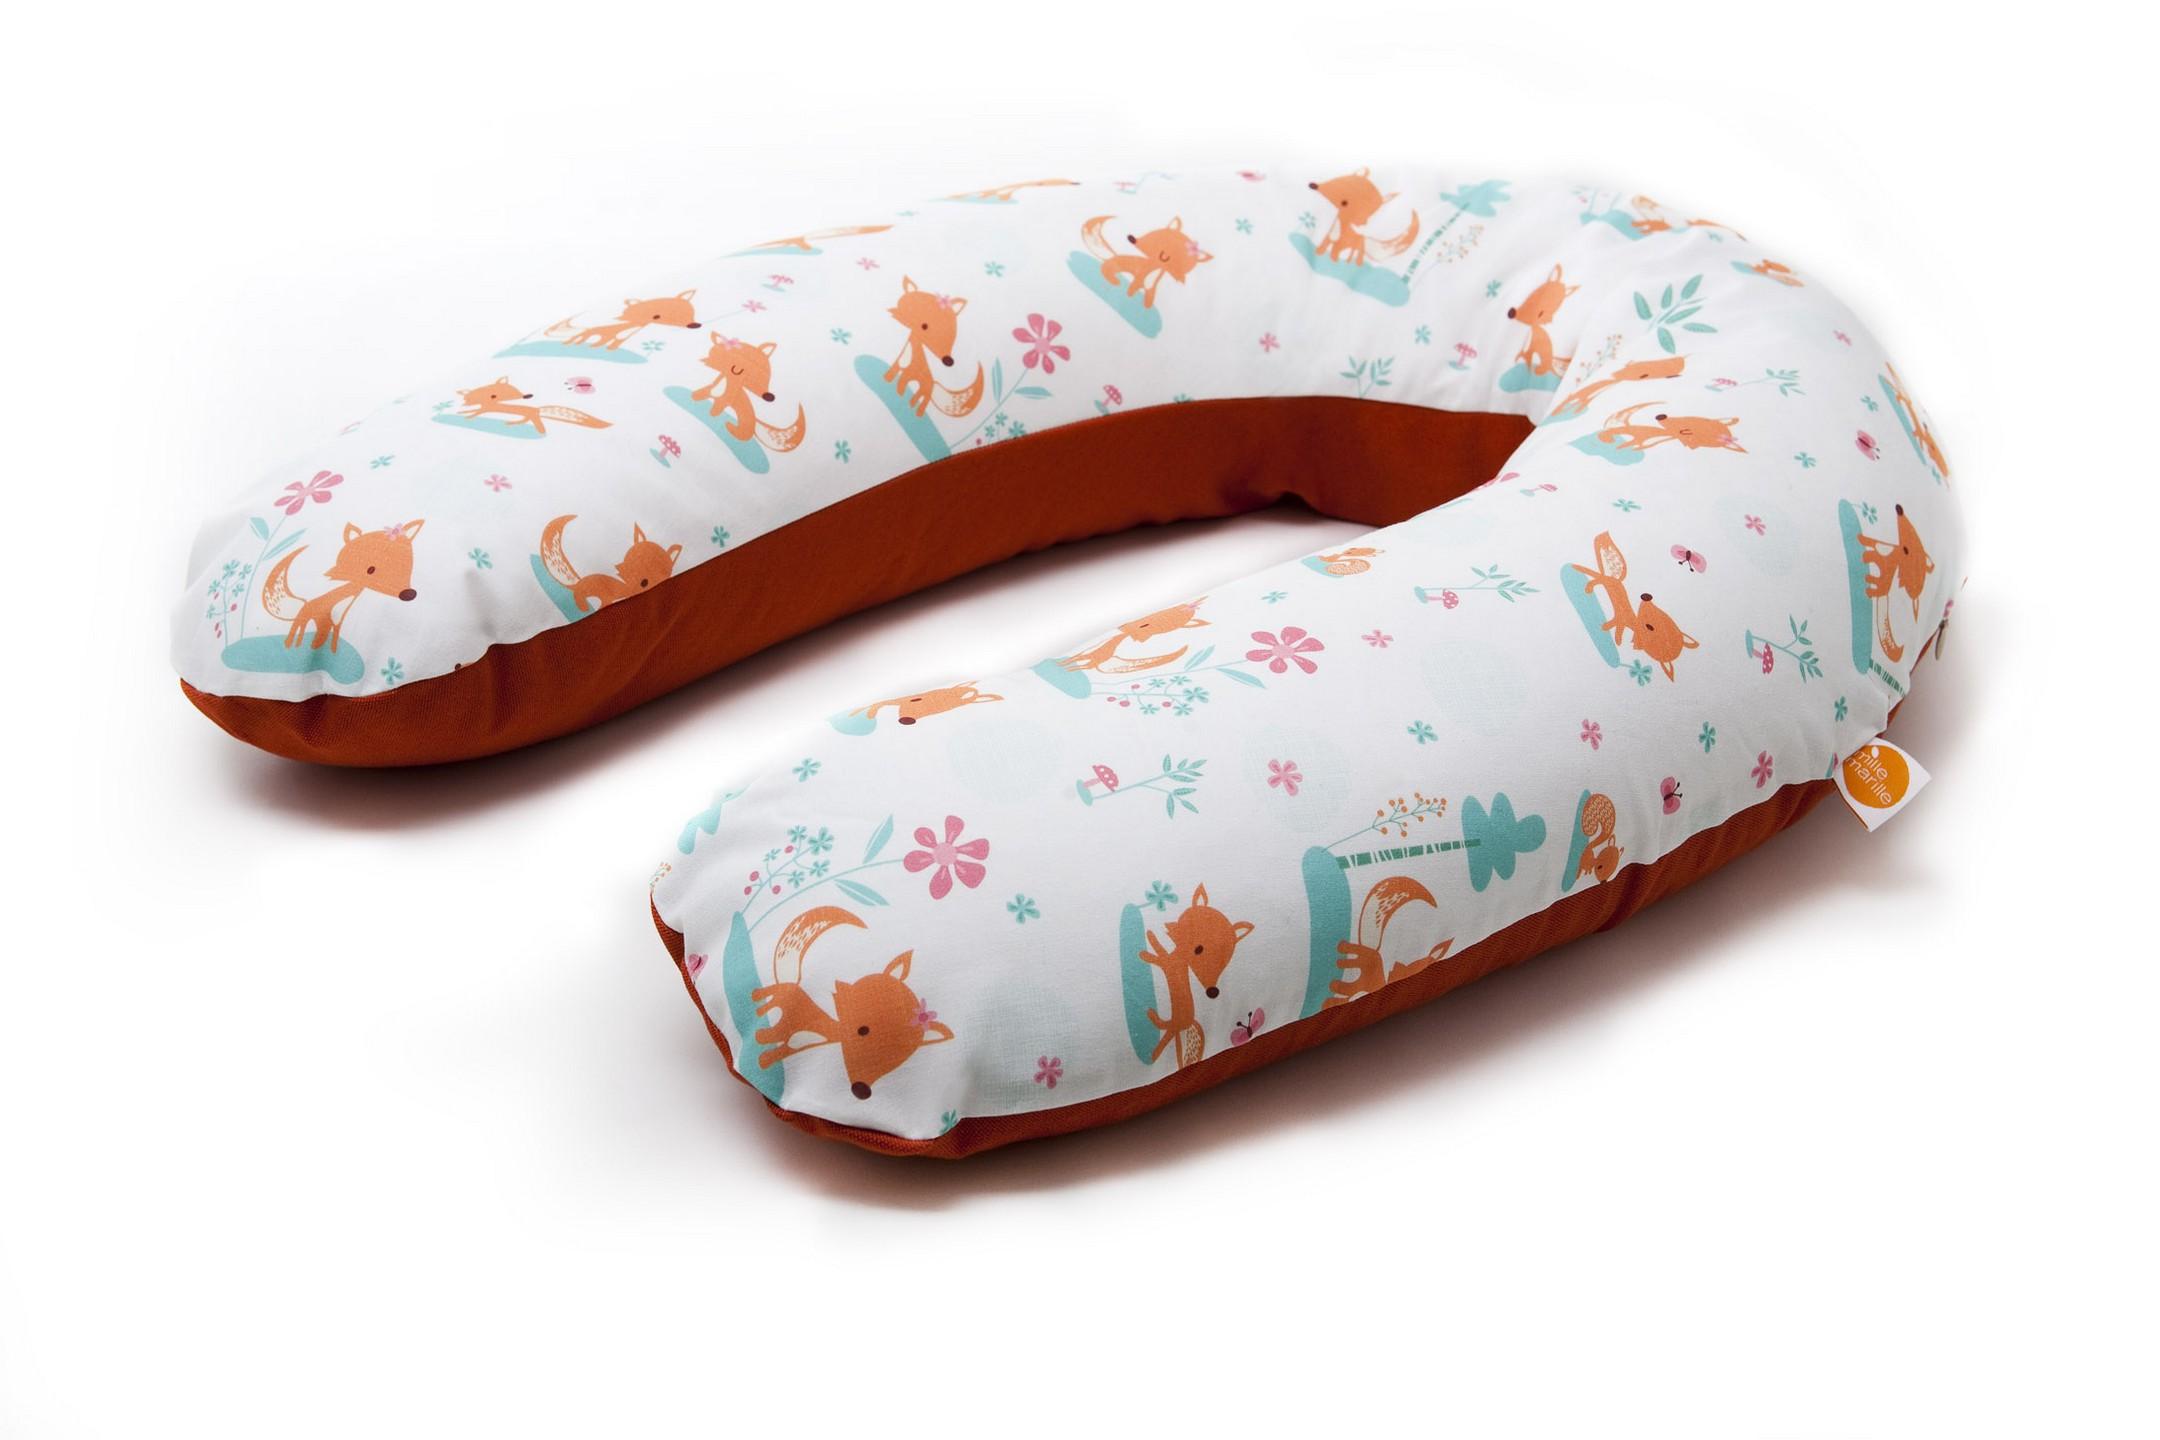 millemarille stillkissen 175cm sweet foxes stillkissen. Black Bedroom Furniture Sets. Home Design Ideas